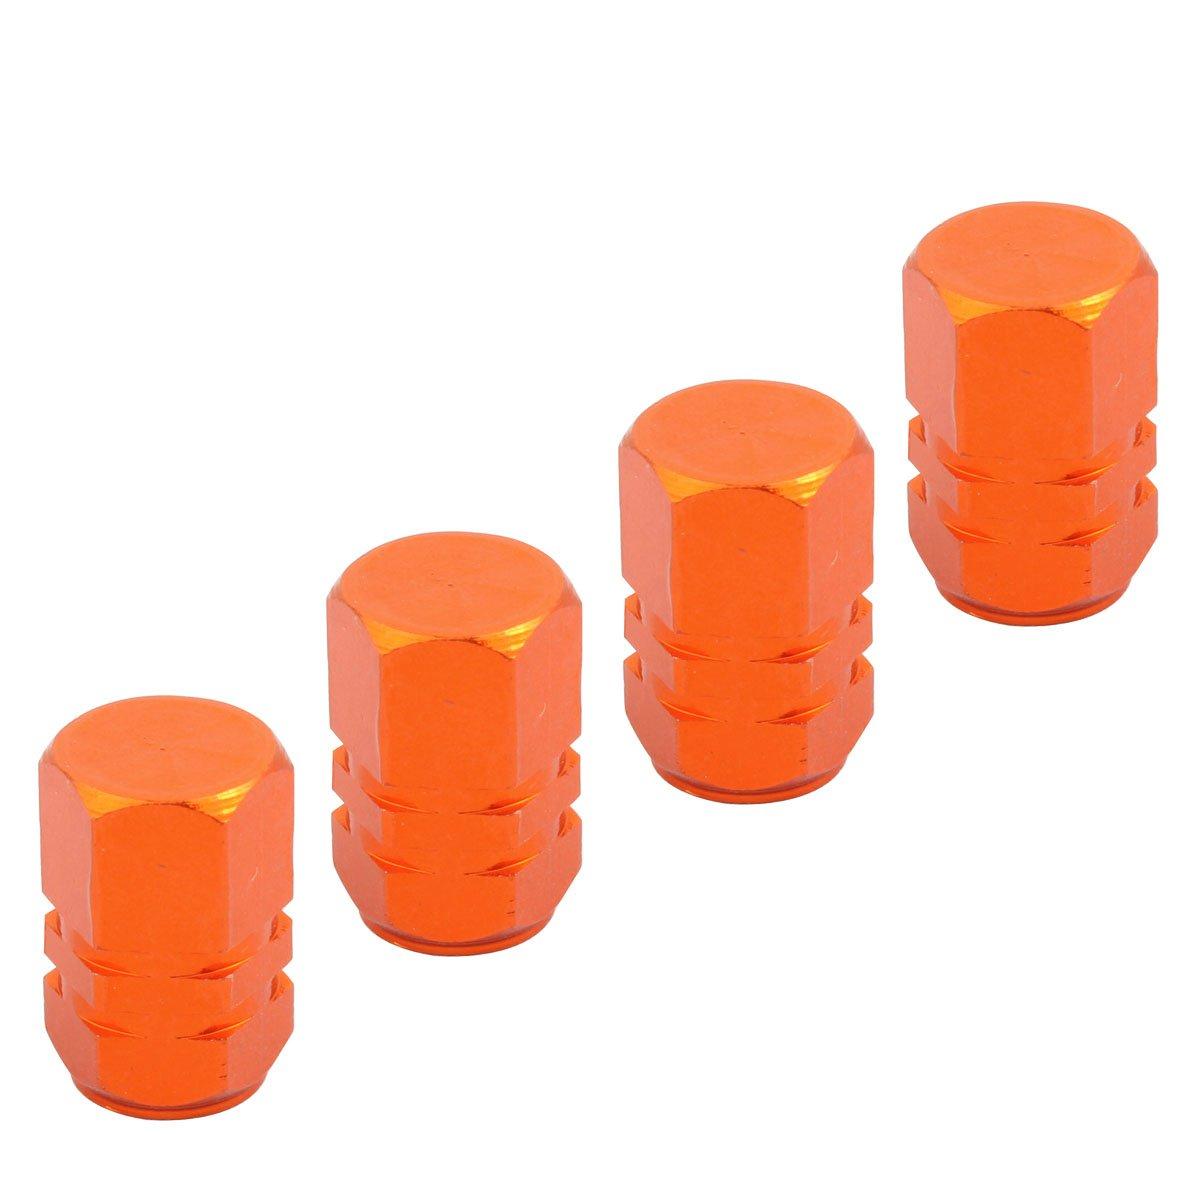 TOMALL Chapeaux orange de tige de valve de pneu de roue de mod/èle dhexagone pour la jeep SUV 4WD Jims Cover Dust